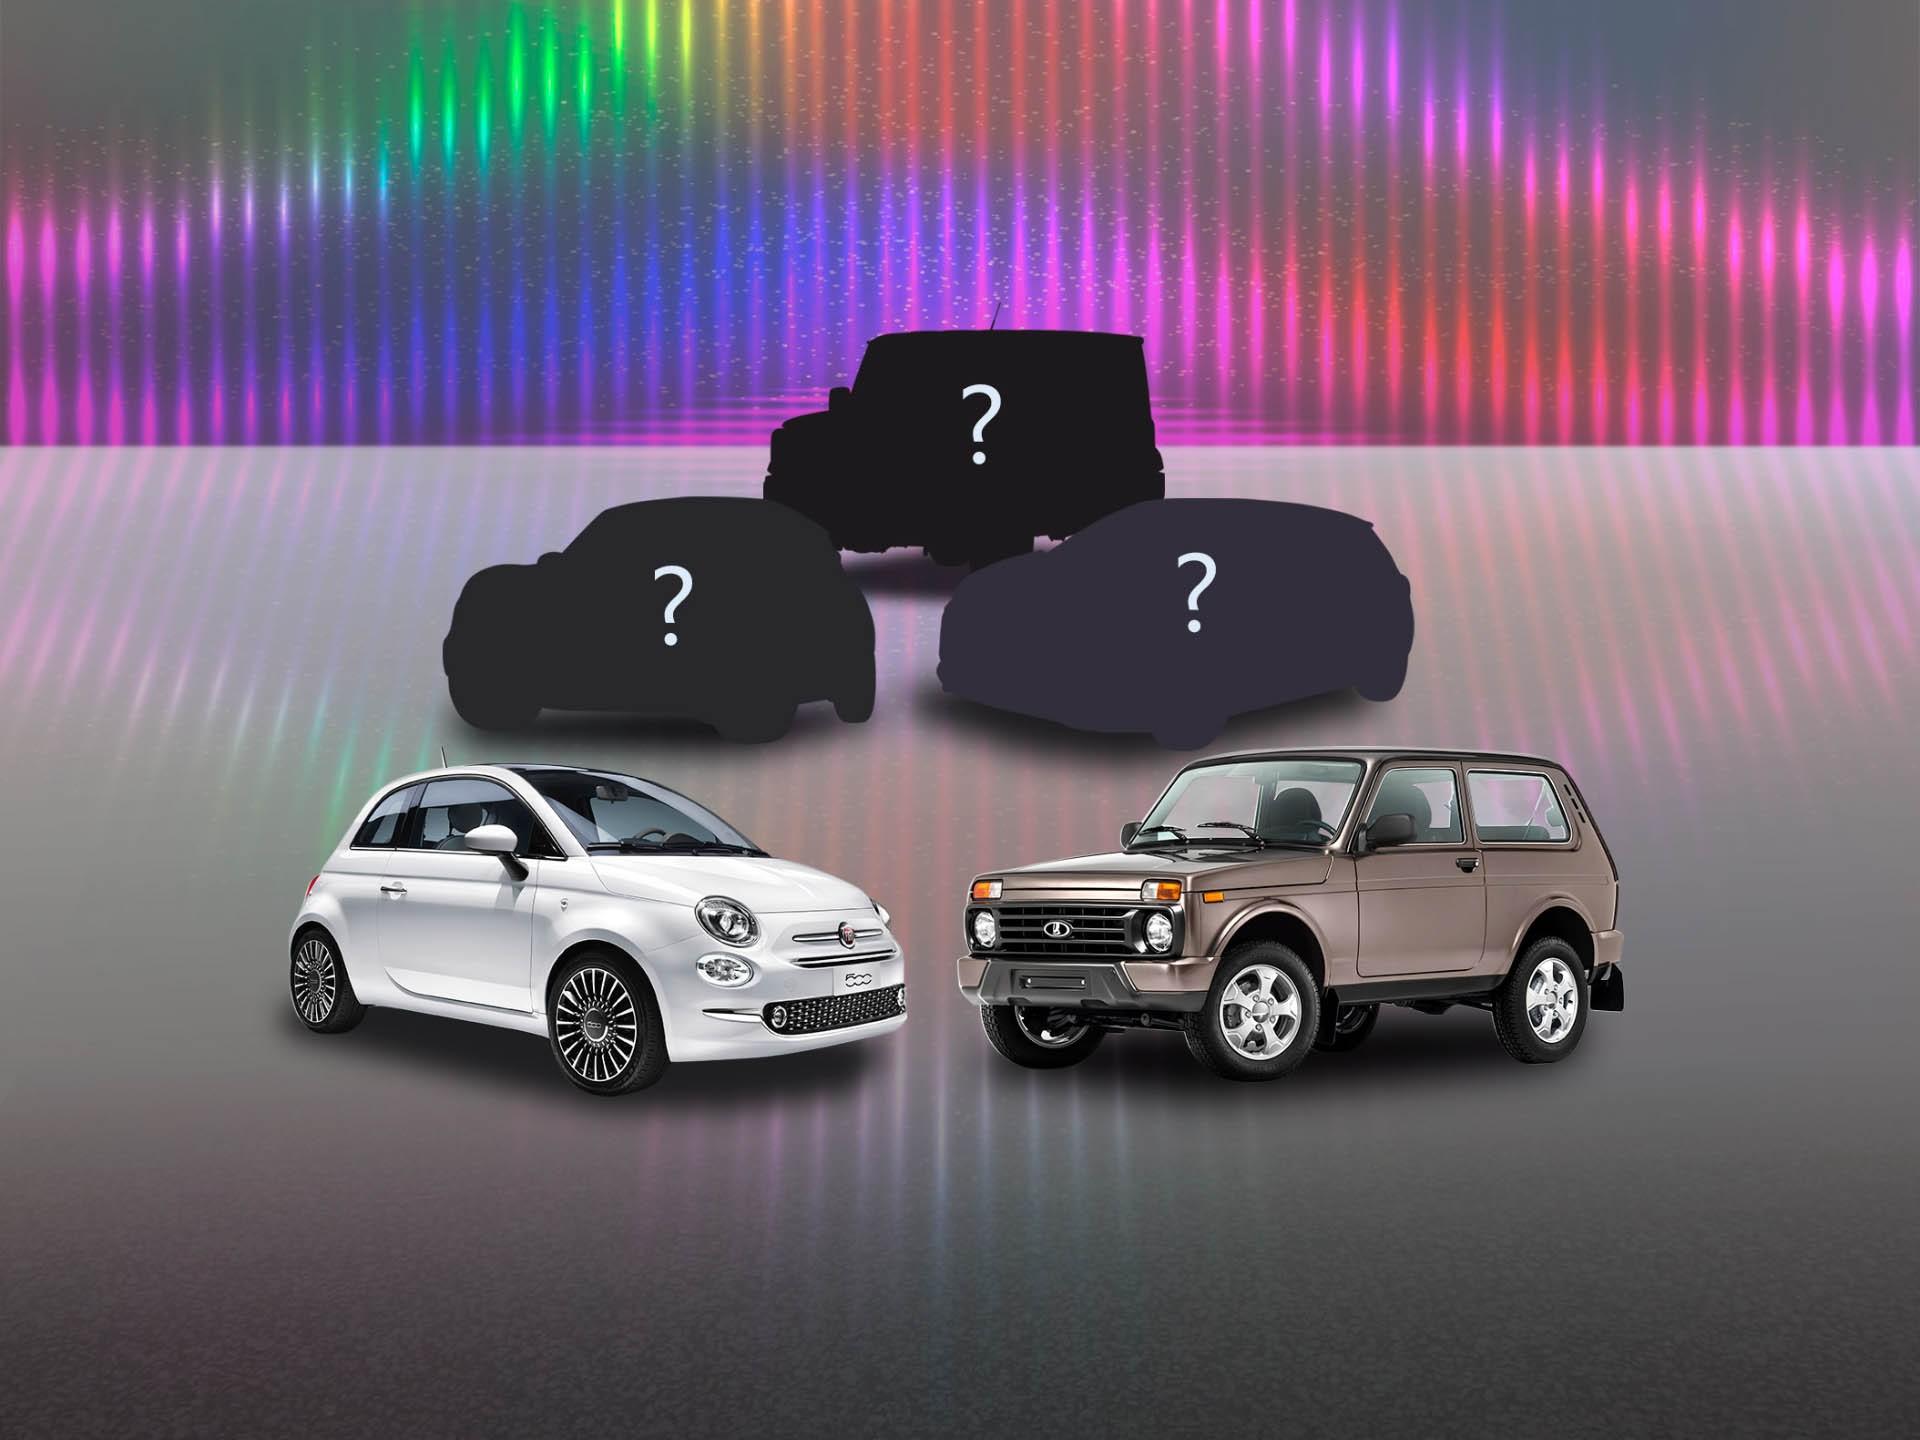 08908e210d2b3 Вопреки стереотипам: самые маленькие автомобили российского рынка ...